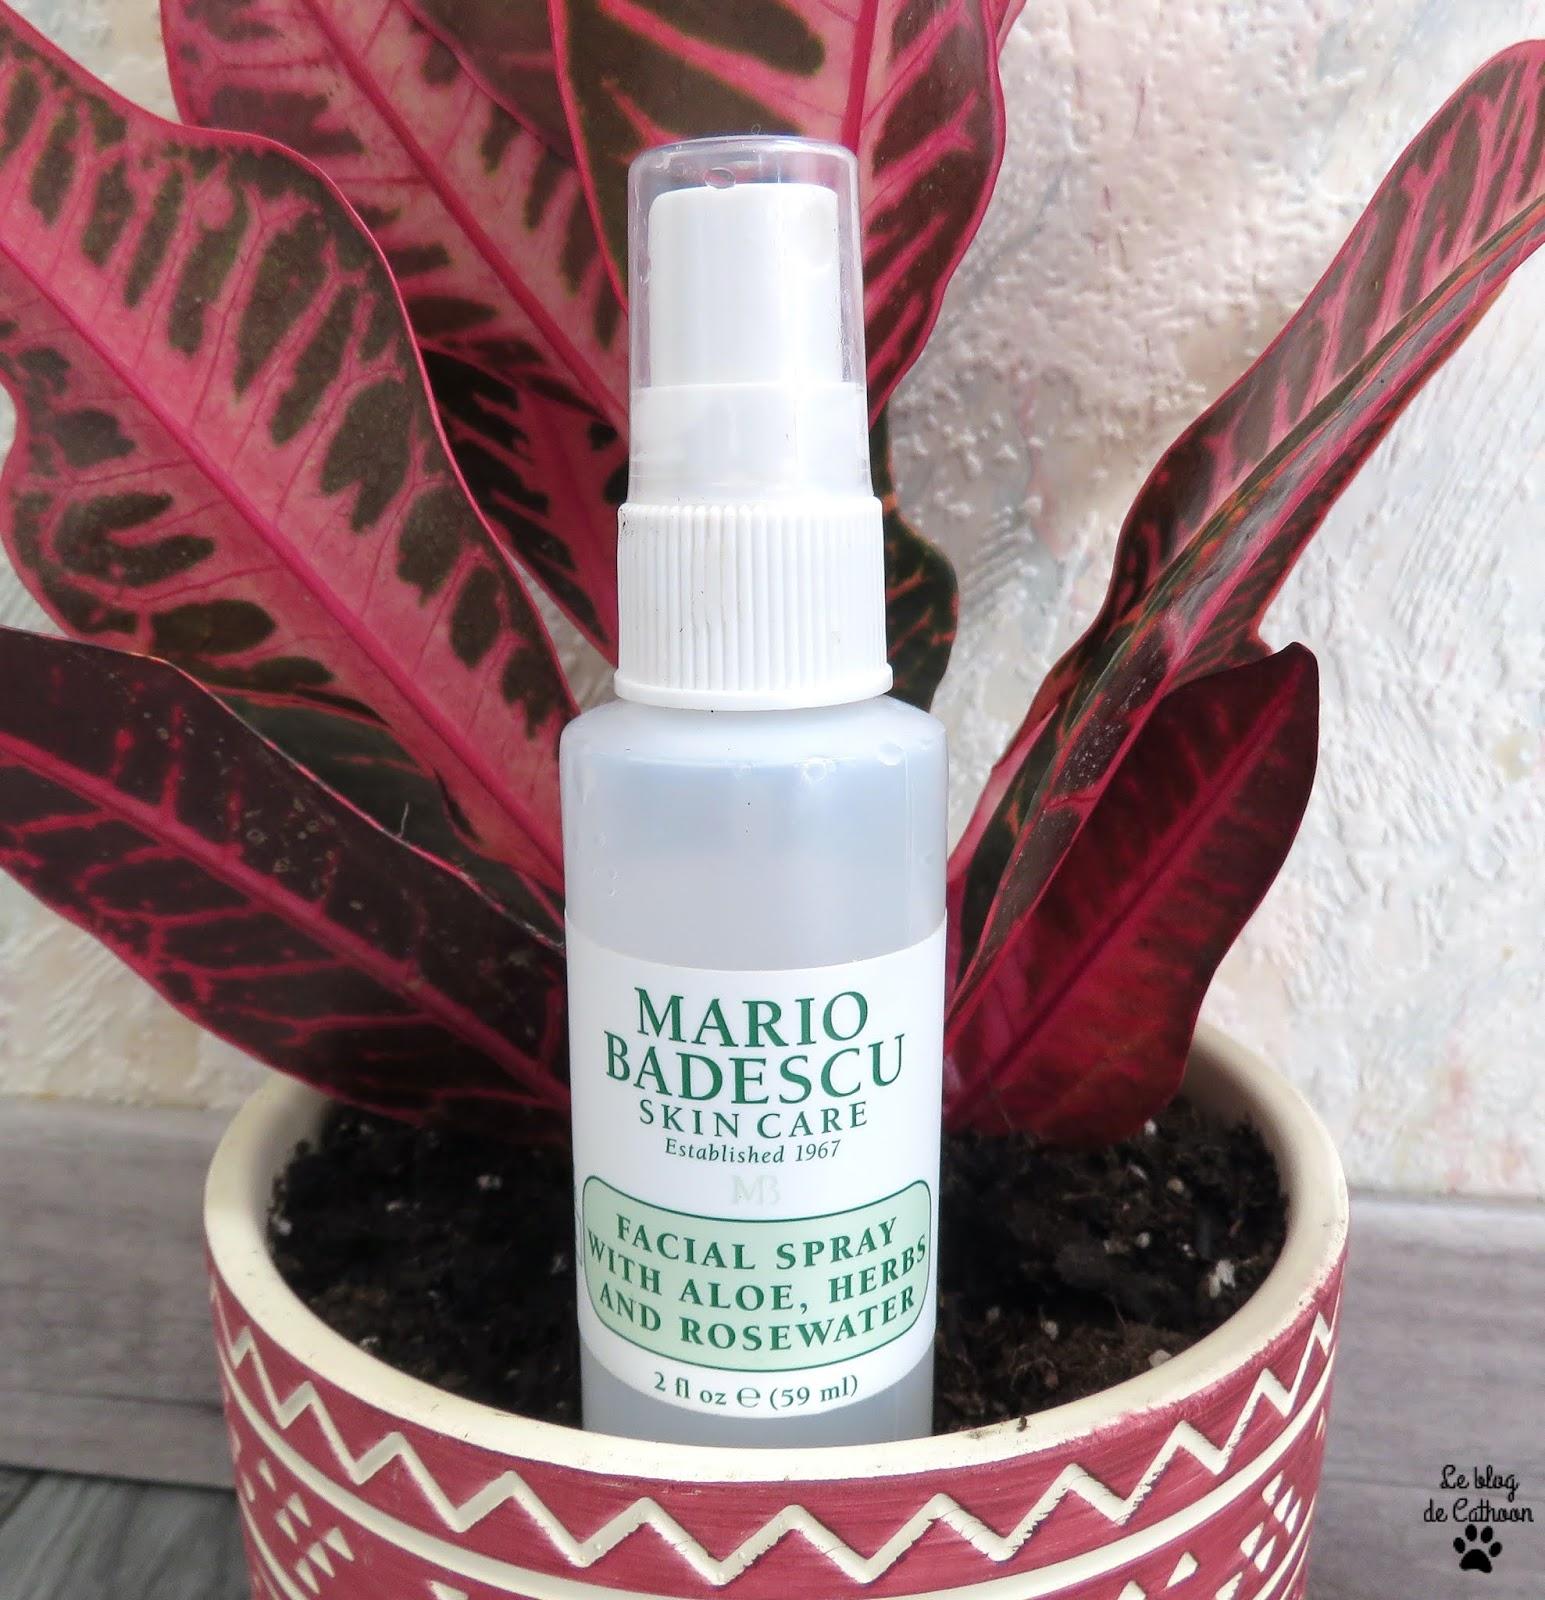 Facial Spray With Aloe Herbs and Rosewater - Mario Badescu